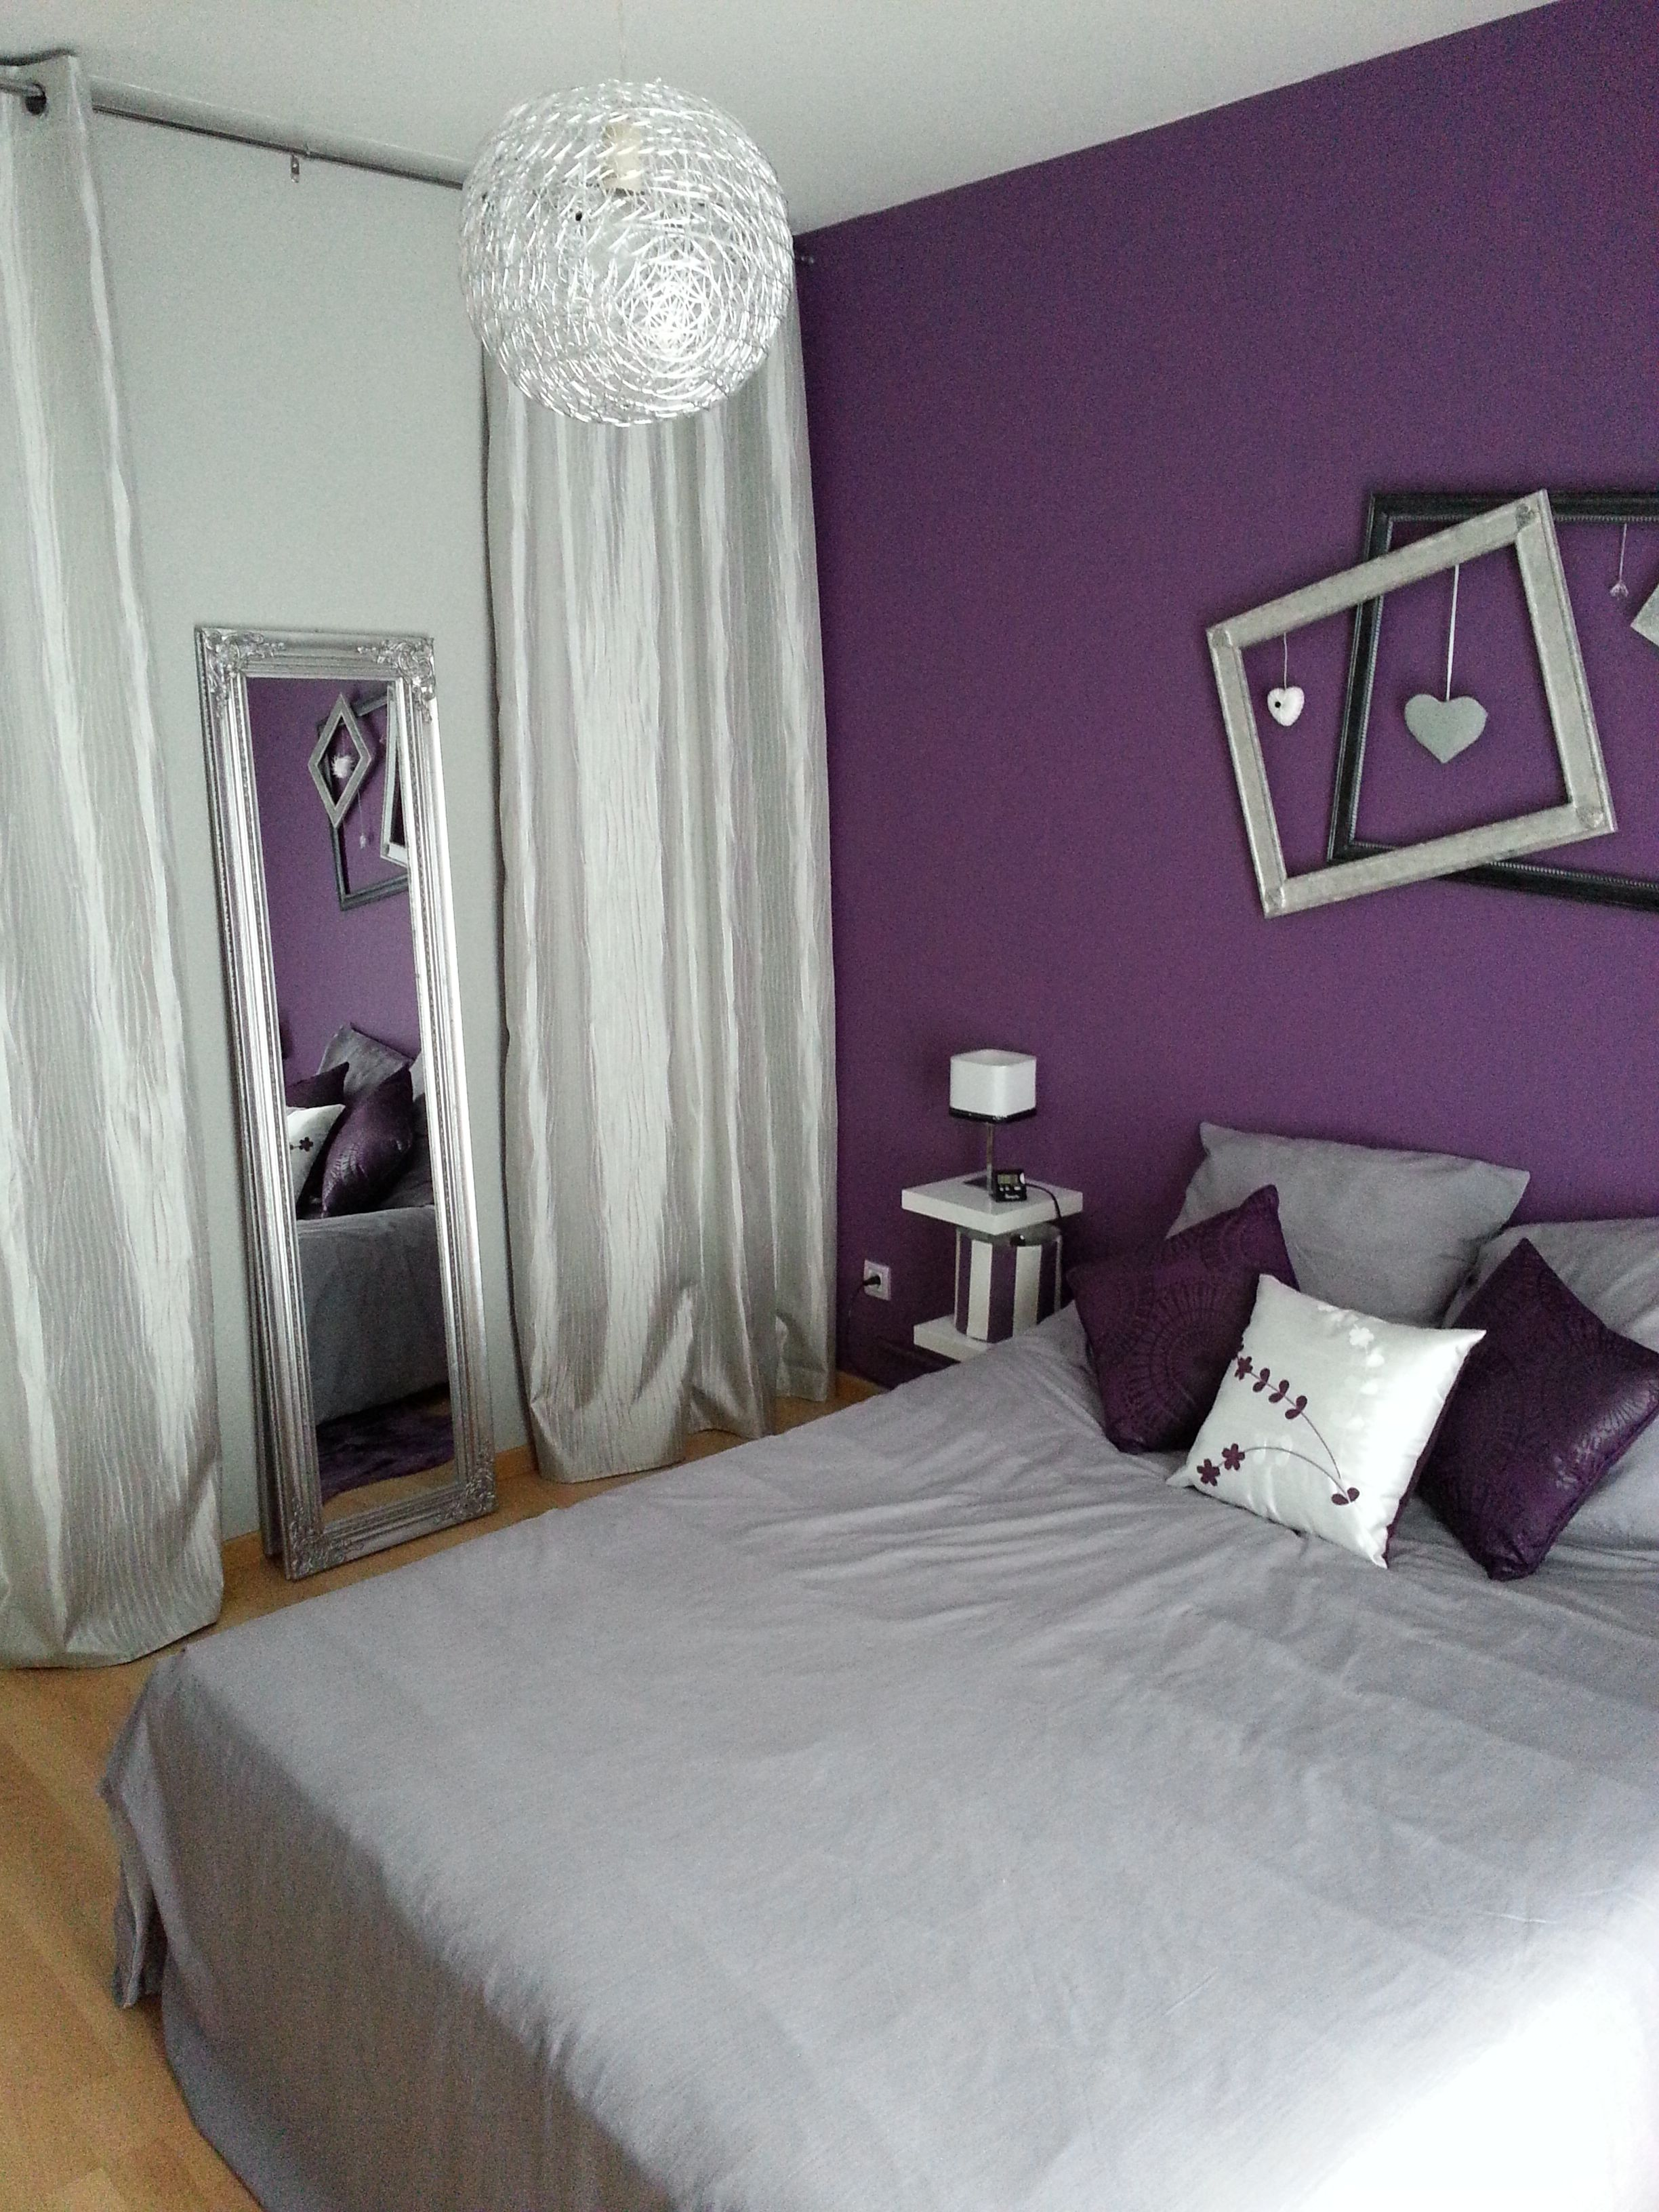 Merveilleux Décoration Violet | Chambre Parentale5   Chambre Parentale Gris Et Violet    Karinedeco .